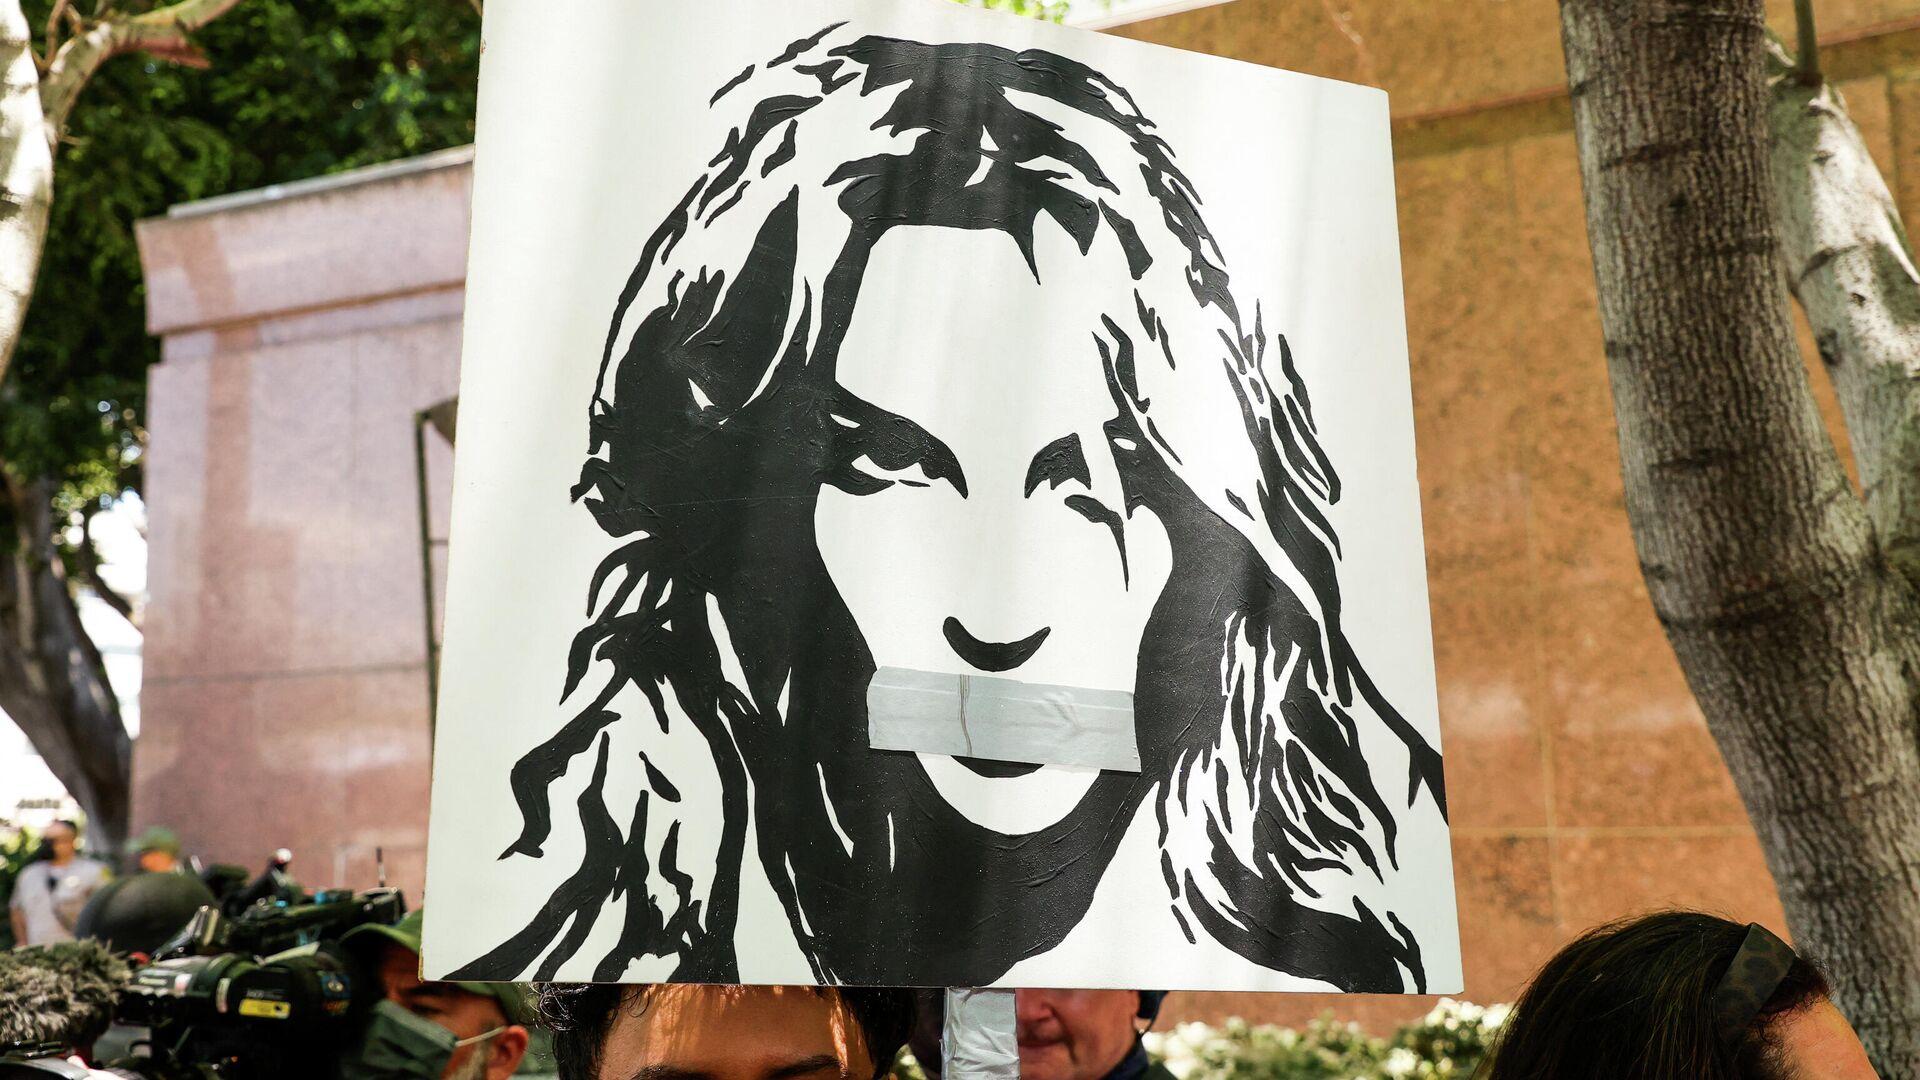 Manifestación a favor de la liberación de Britney Spears en Los Ángeles, EEUU - Sputnik Mundo, 1920, 02.07.2021